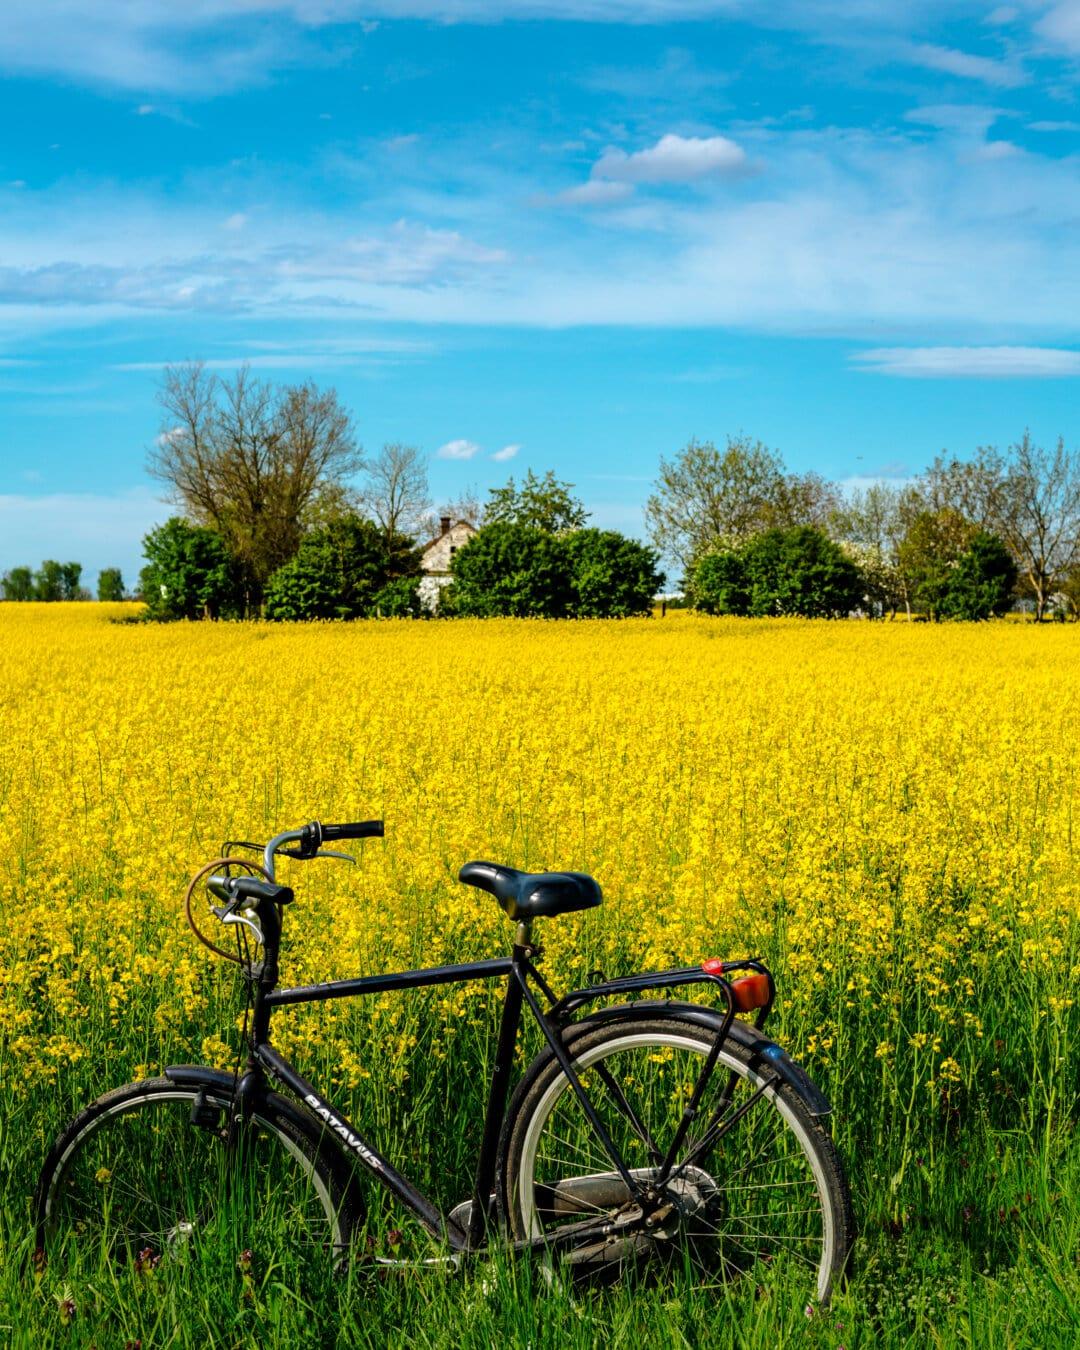 自転車, 農業, フィールド, 菜の花, シード, 農村, 草原, ランドス ケープ, ファーム, 自然